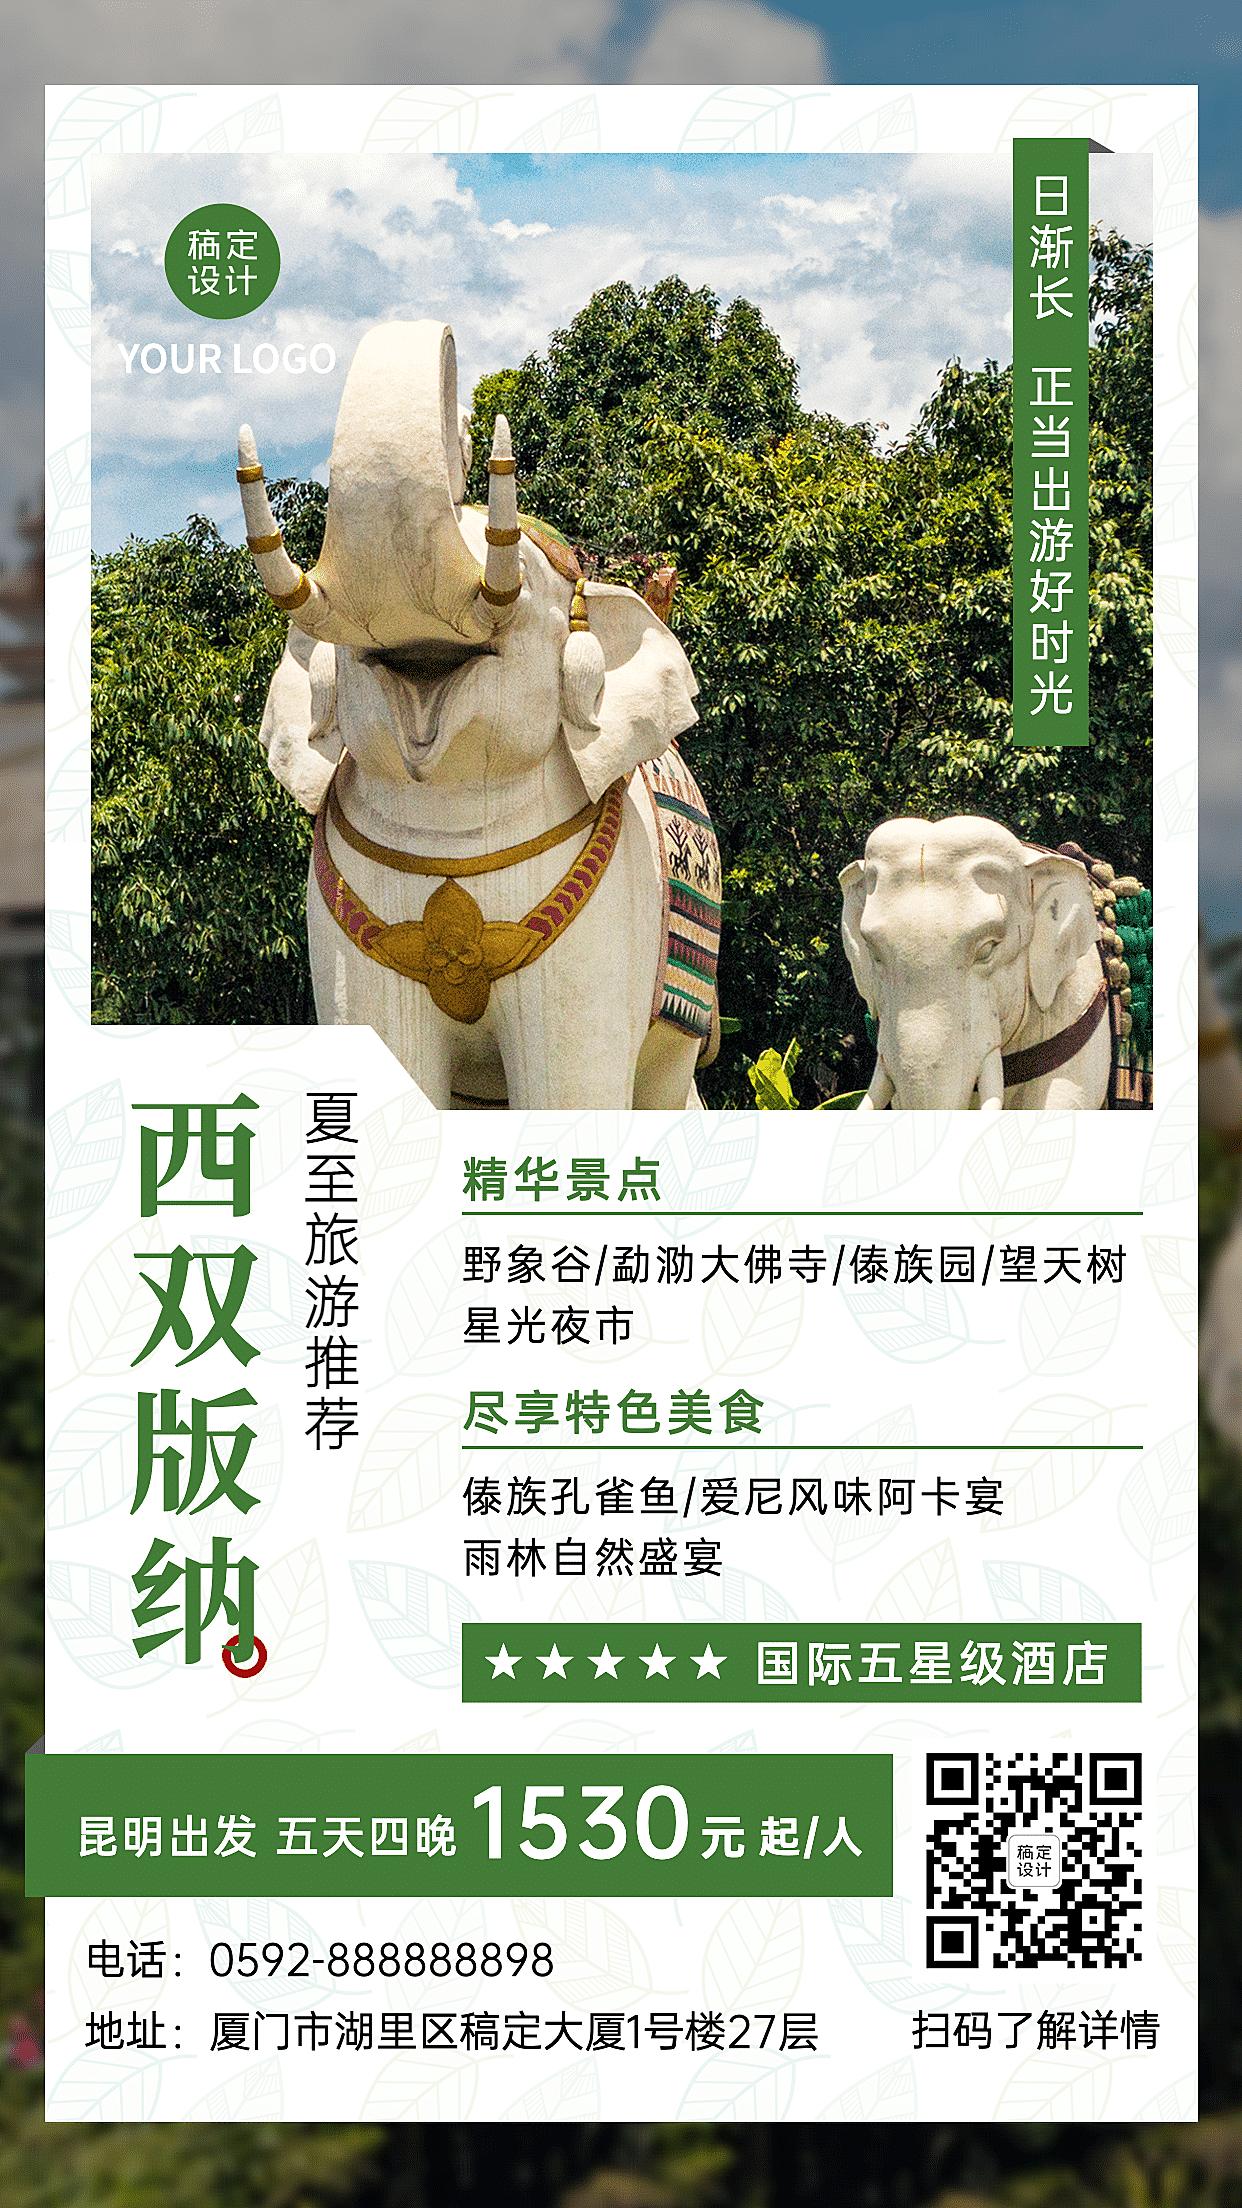 夏至旅游出行路线西双版纳宣传海报